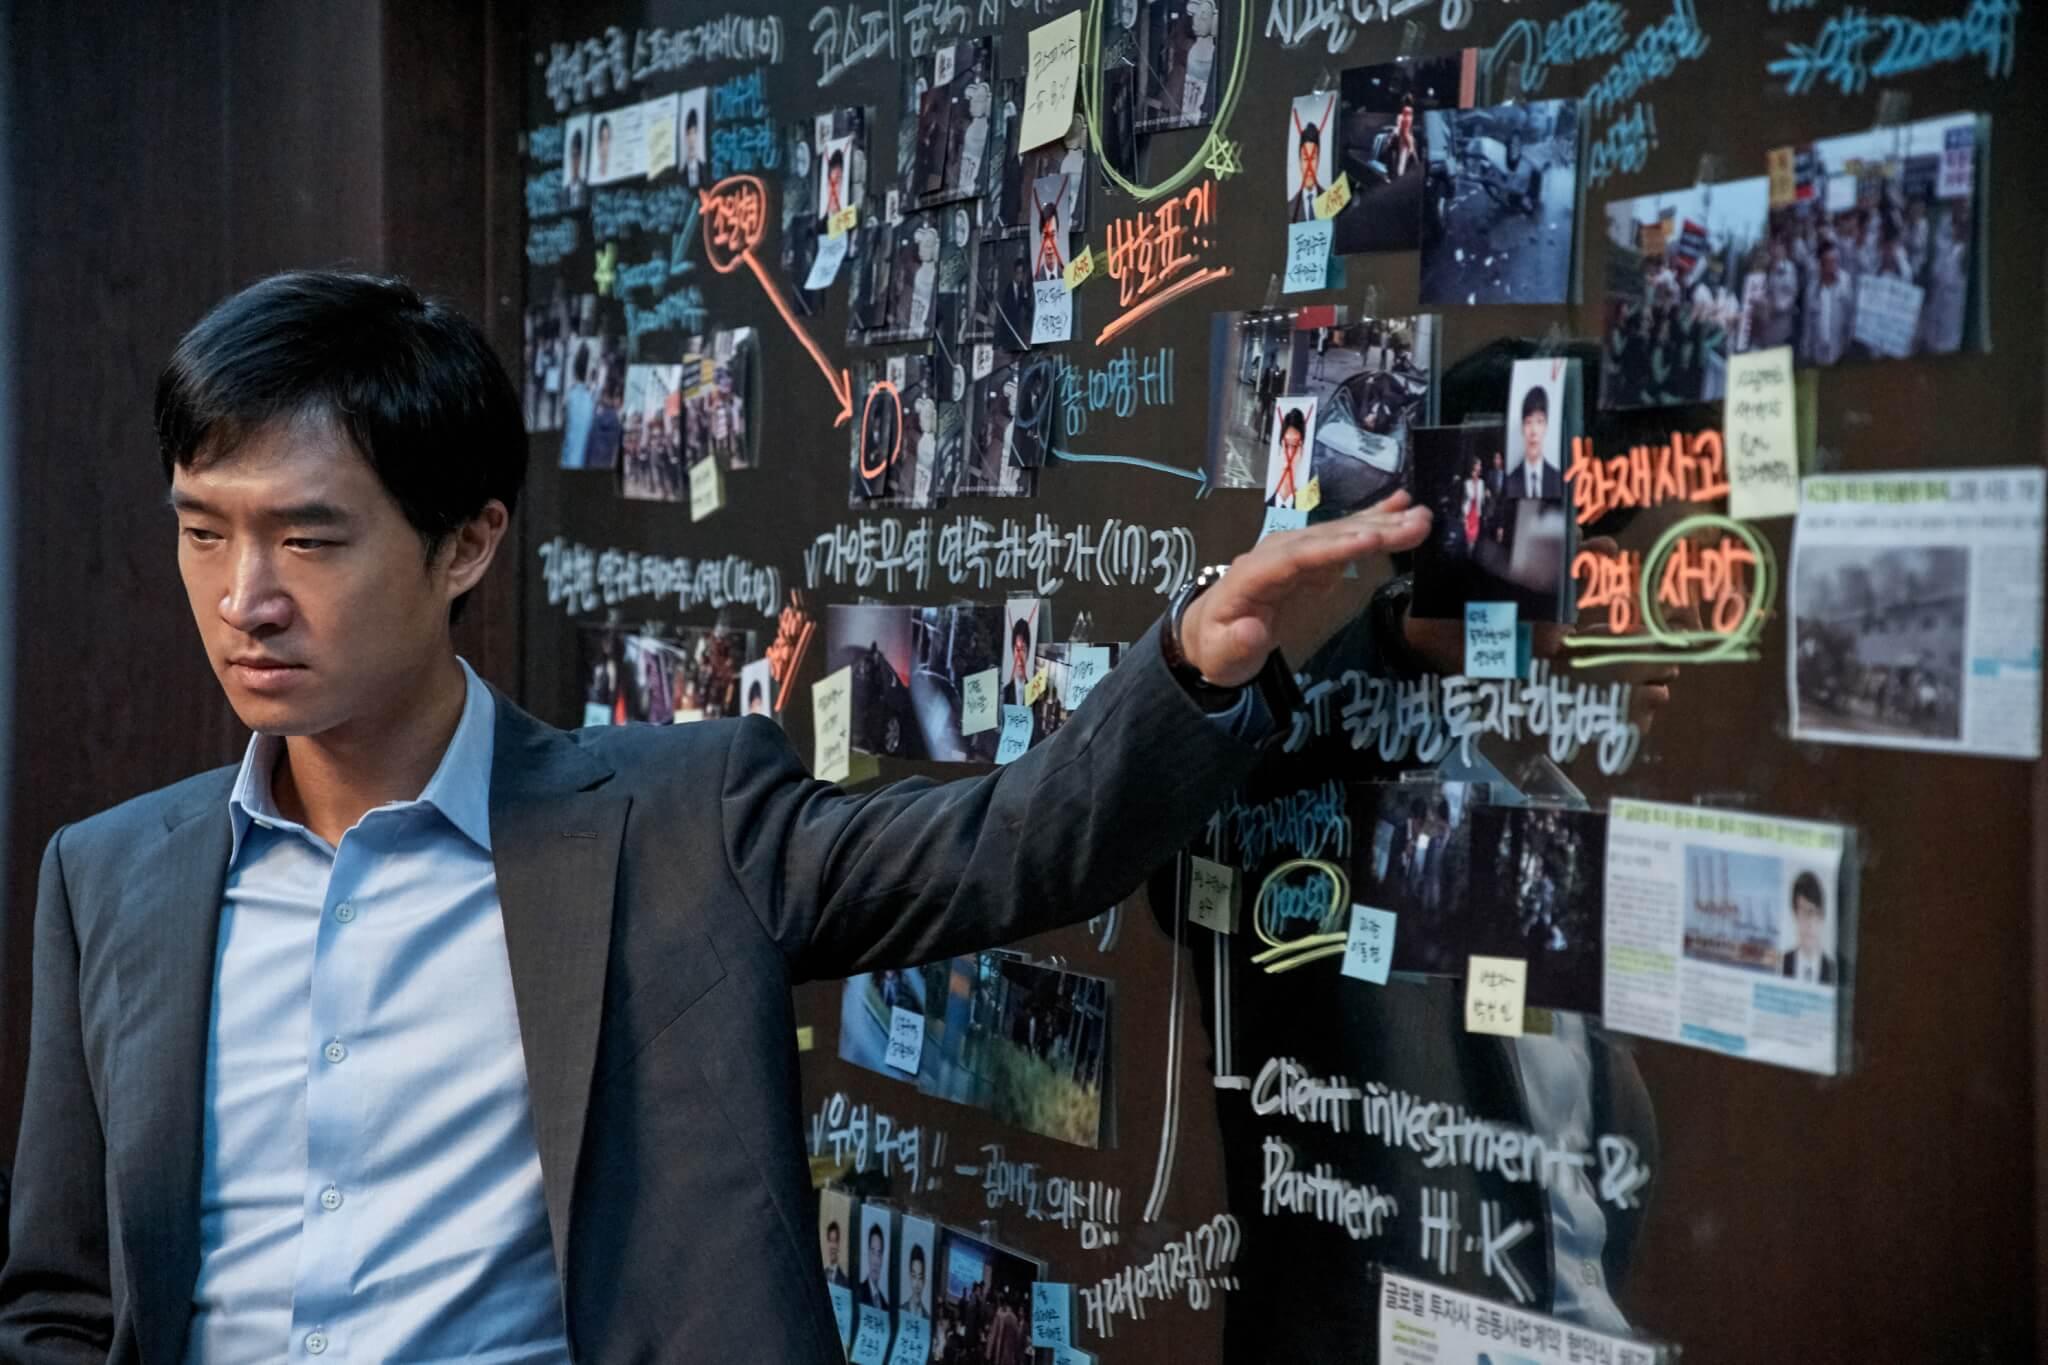 趙佑鎮在片中飾演專門對付劉智泰的監察員,很快亦發現柳俊烈的工作有所不妥,咬實不放。